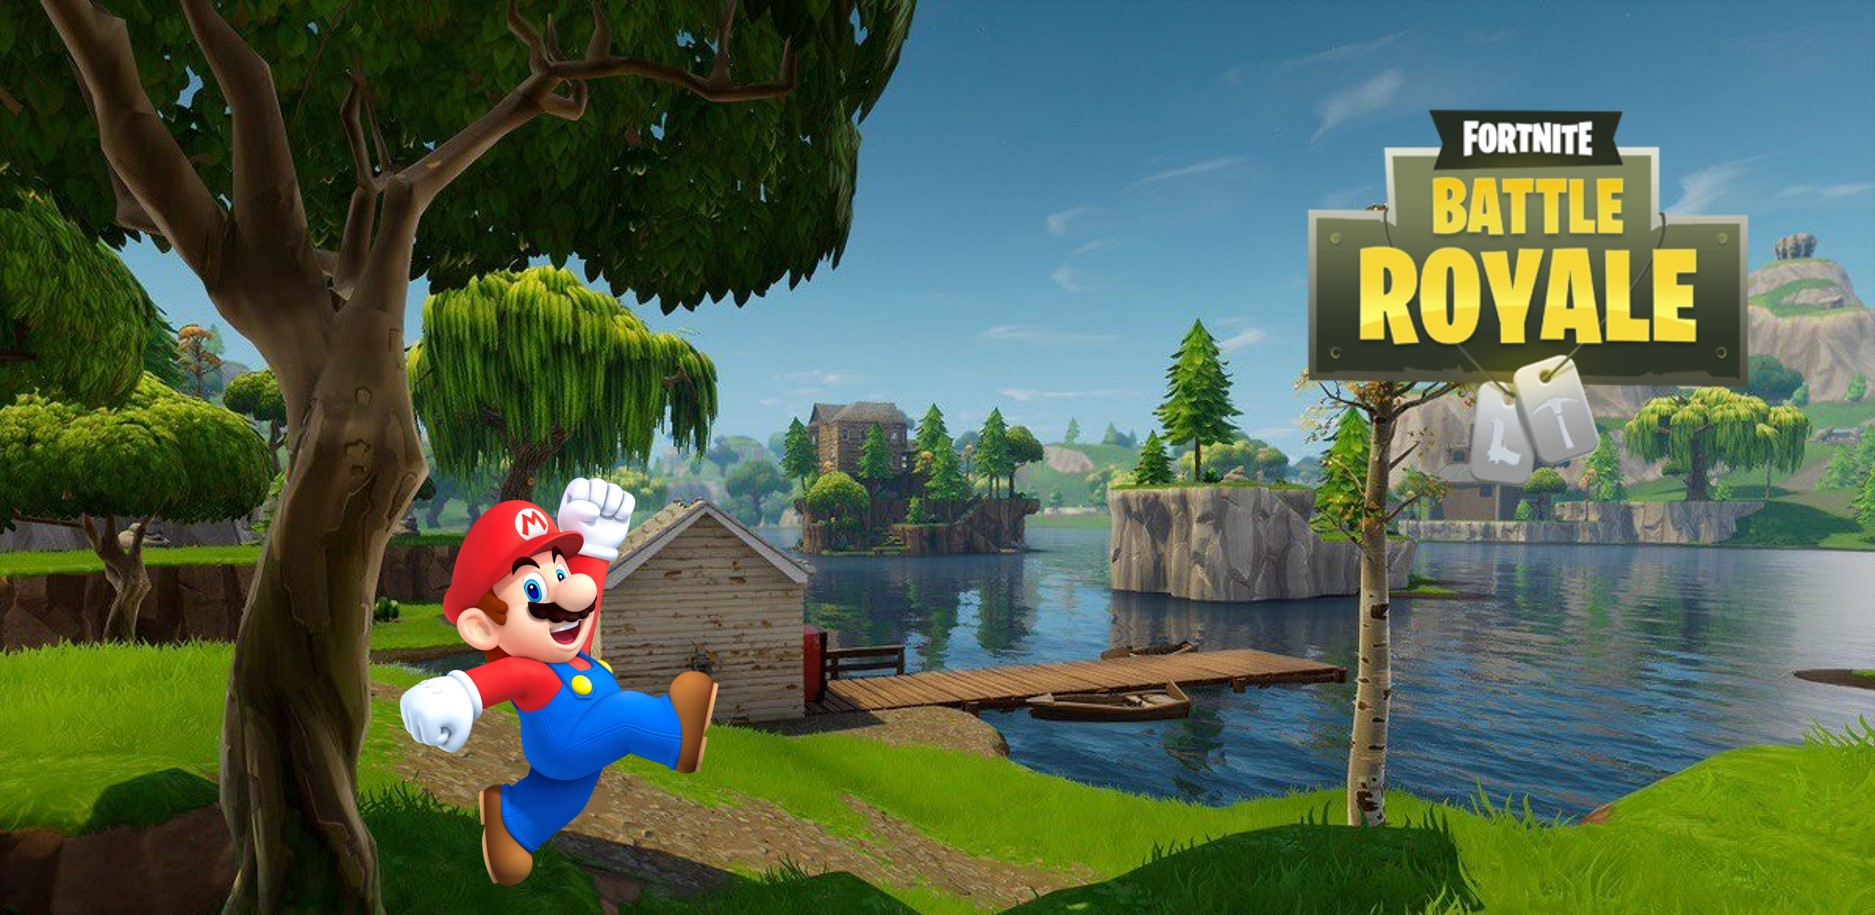 Irre, jemand hat Super Mario auf der Spielwiese in Fortnite nachgebaut